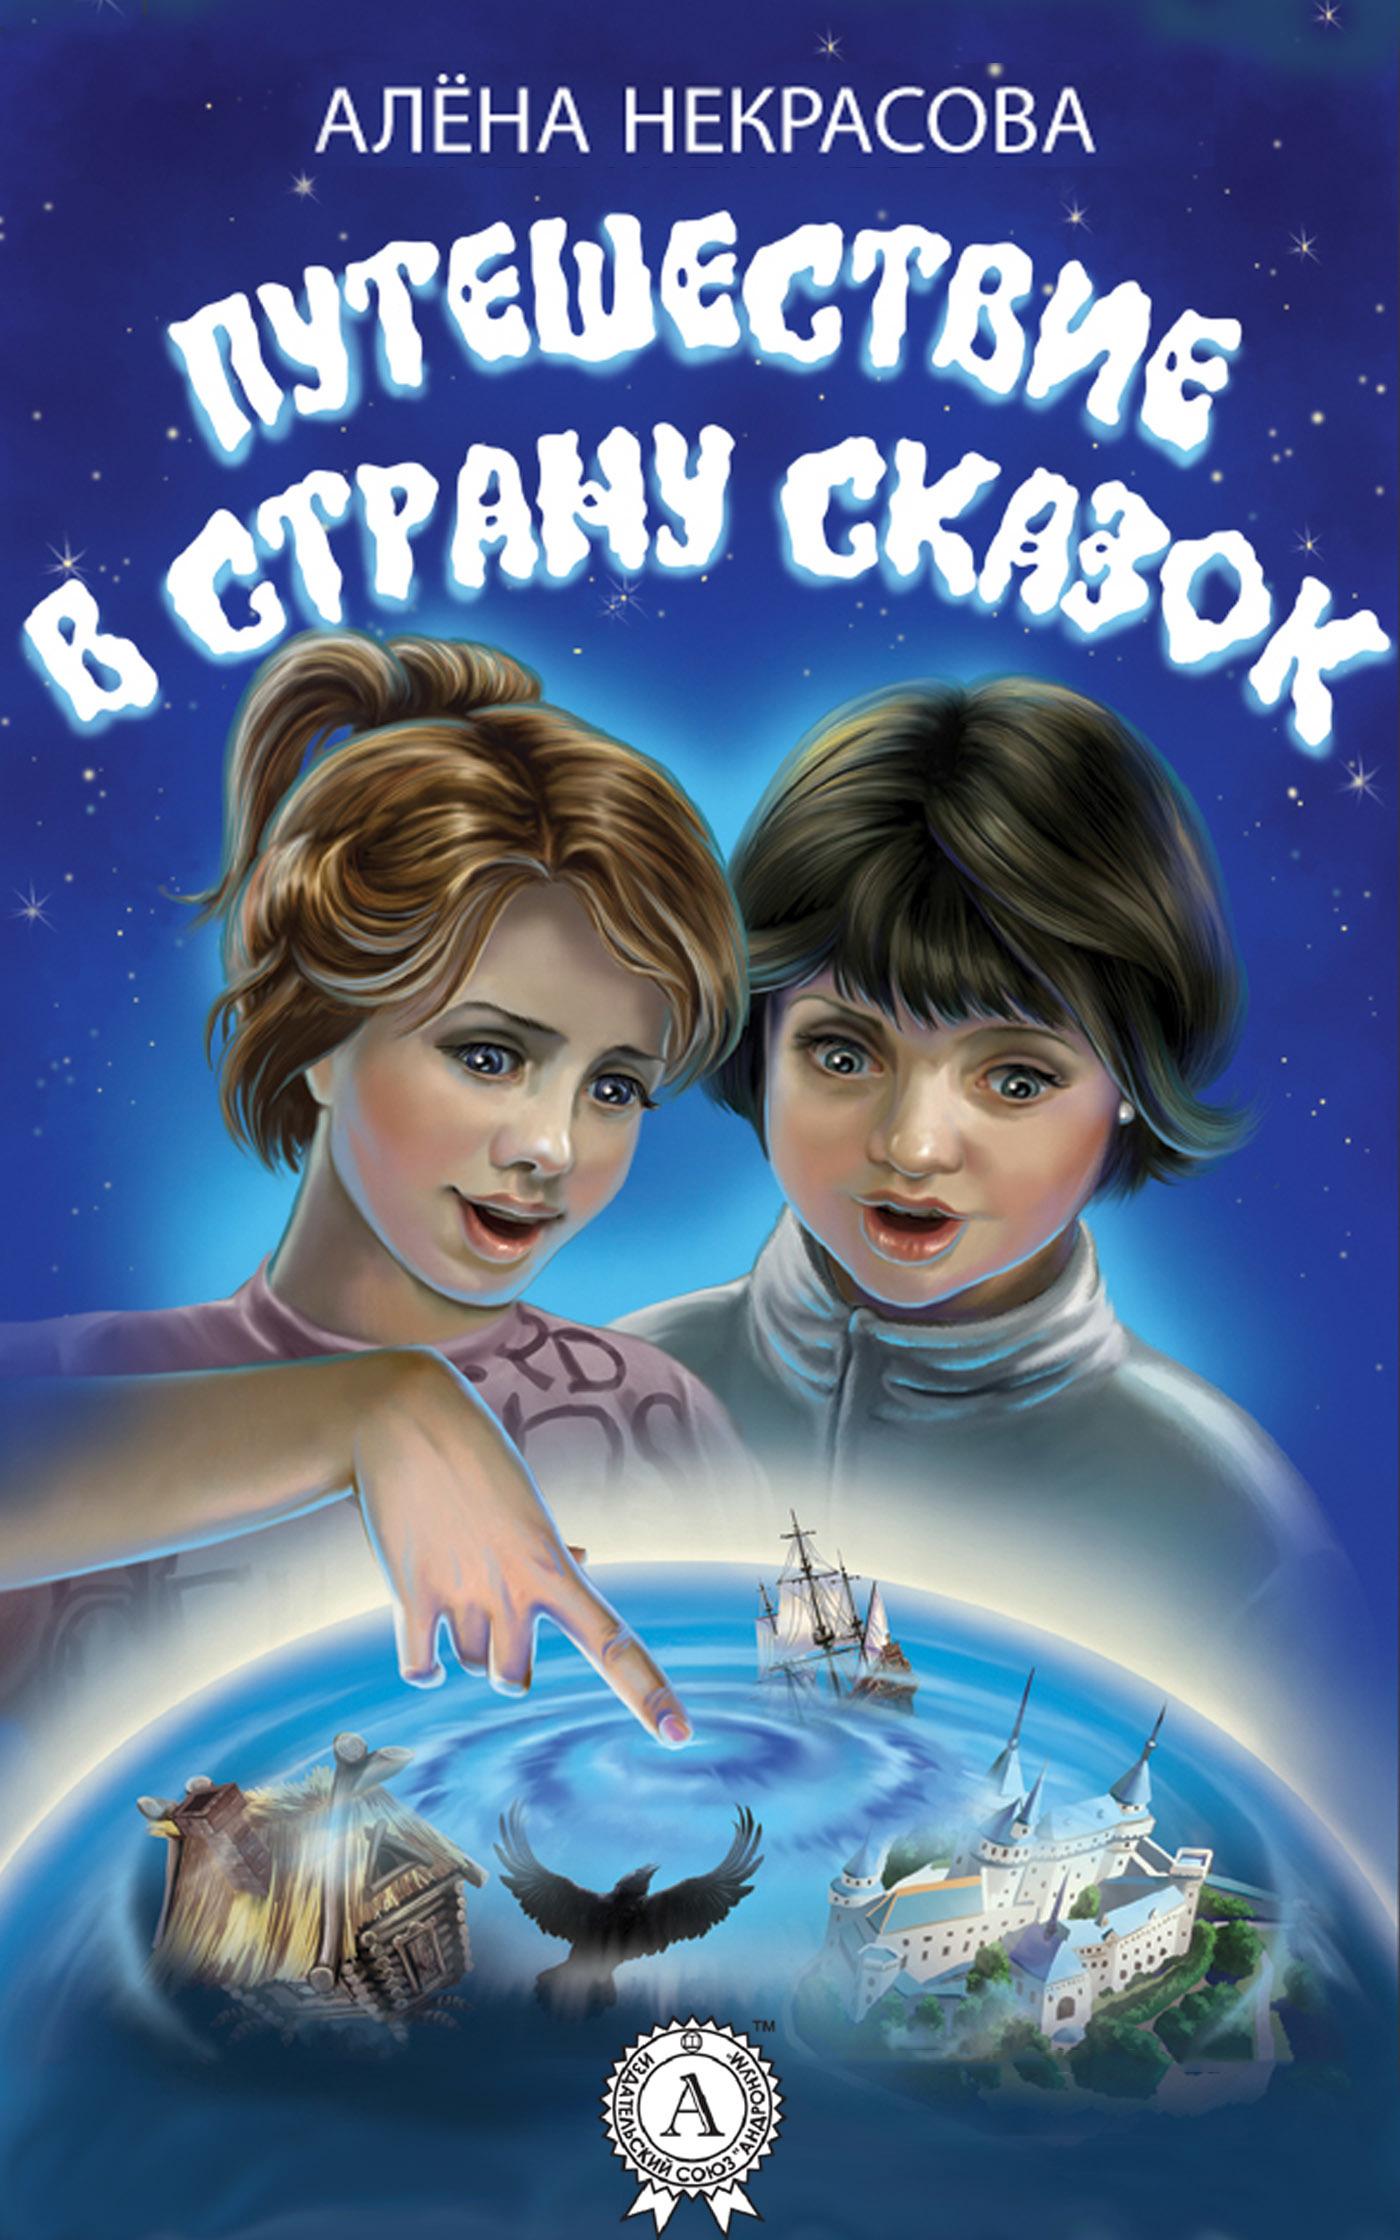 Алена Некрасова «Путешествие в страну сказок»